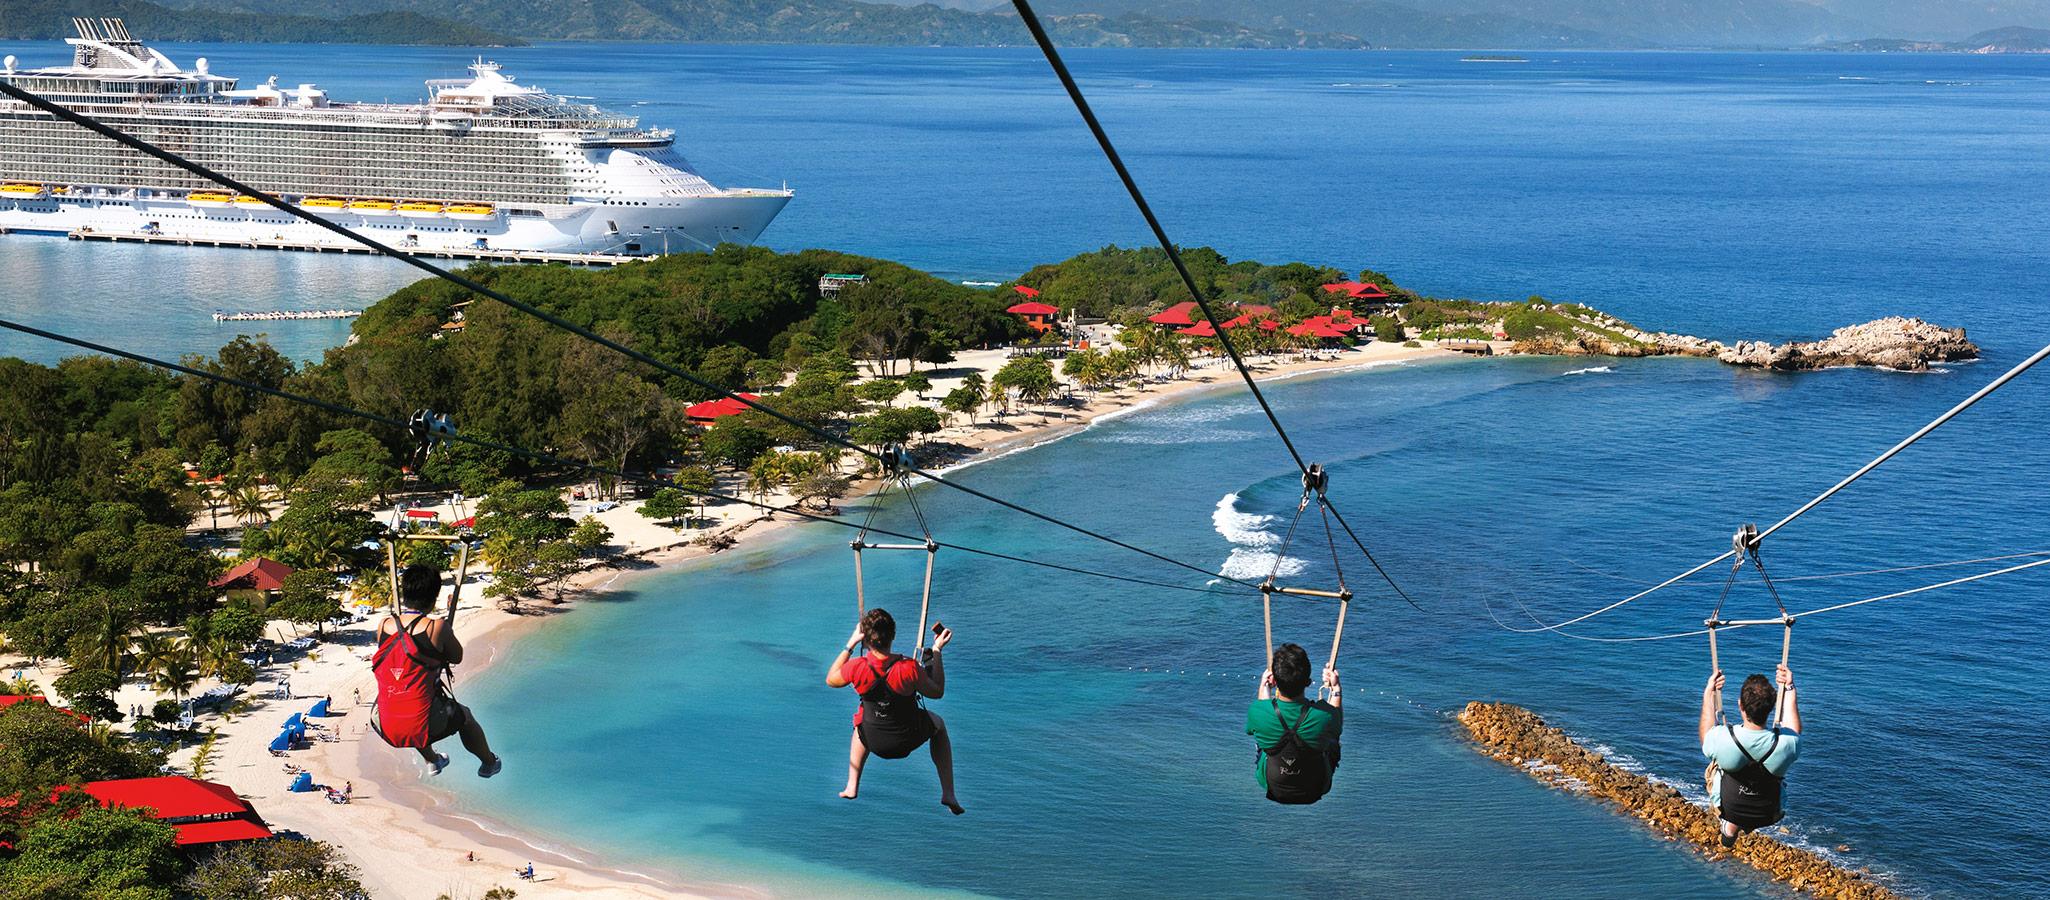 Viele Reedereien besitzen eigene Karibikinseln zur exklusiven Nutzung. Für Ihre Teilnehmer geht hier der Spaß weiter.